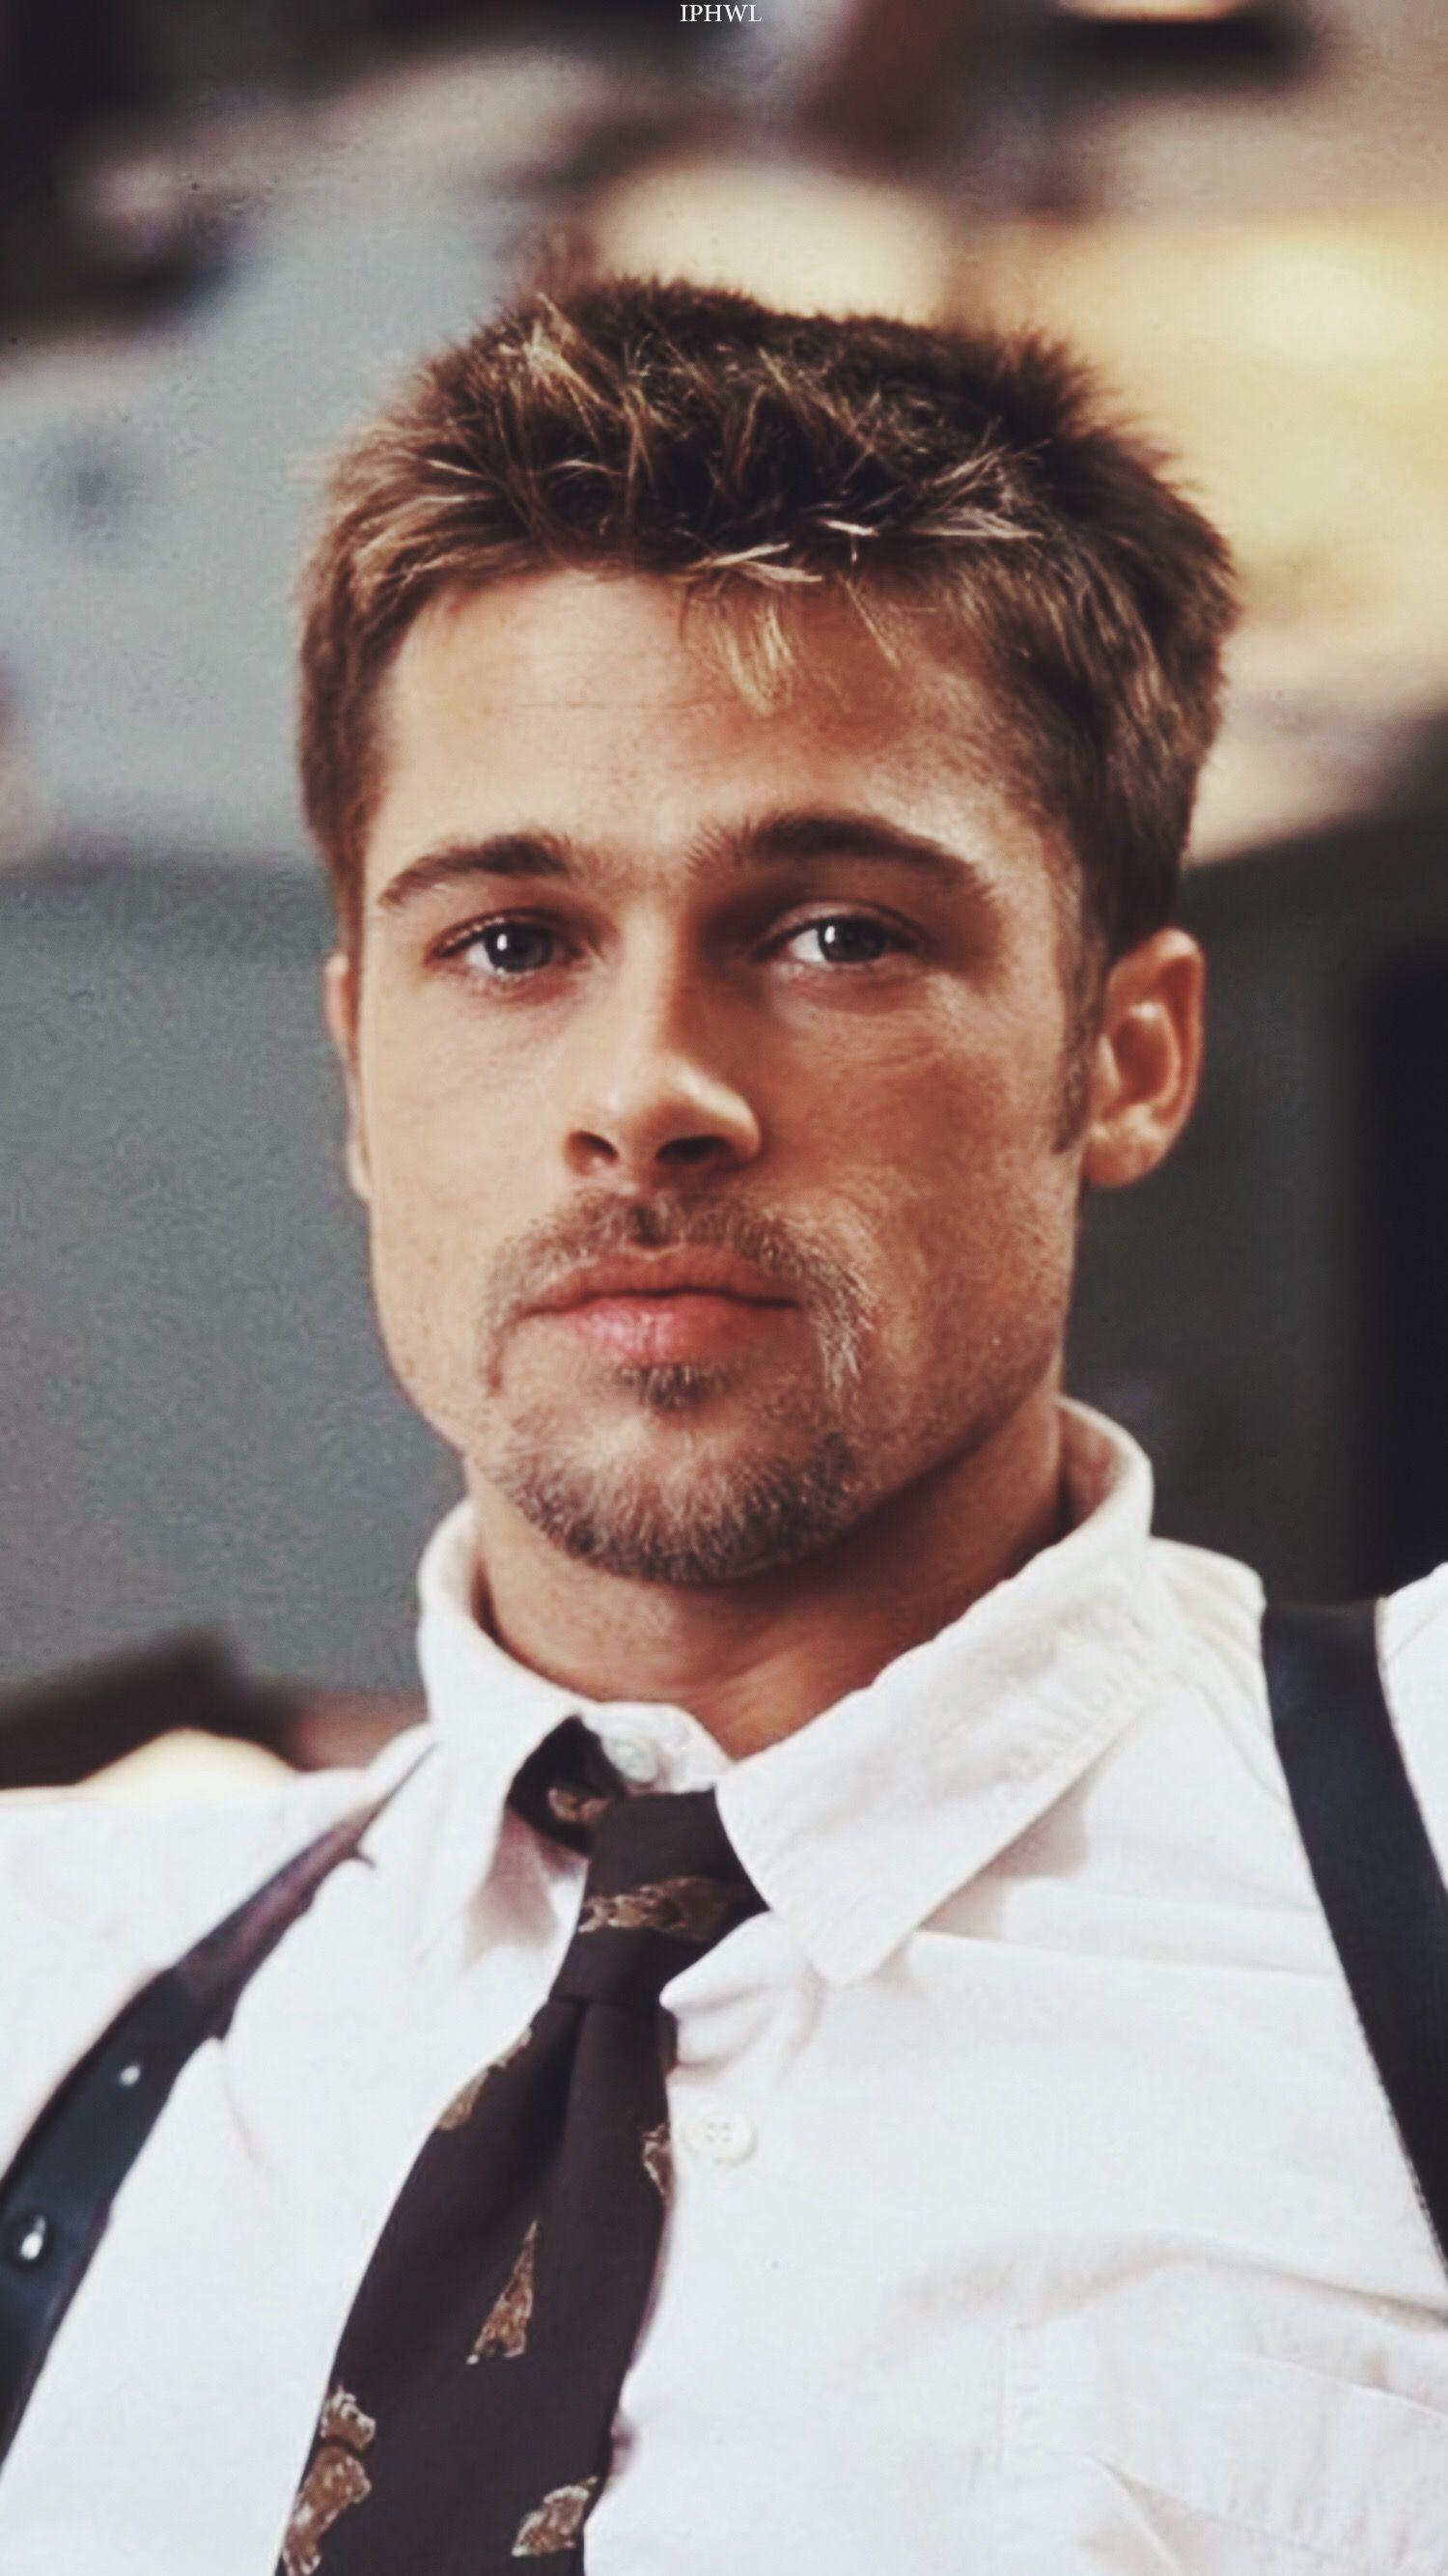 Brad Pitt Seven Brad Pitt Pinterest Brad Pitt